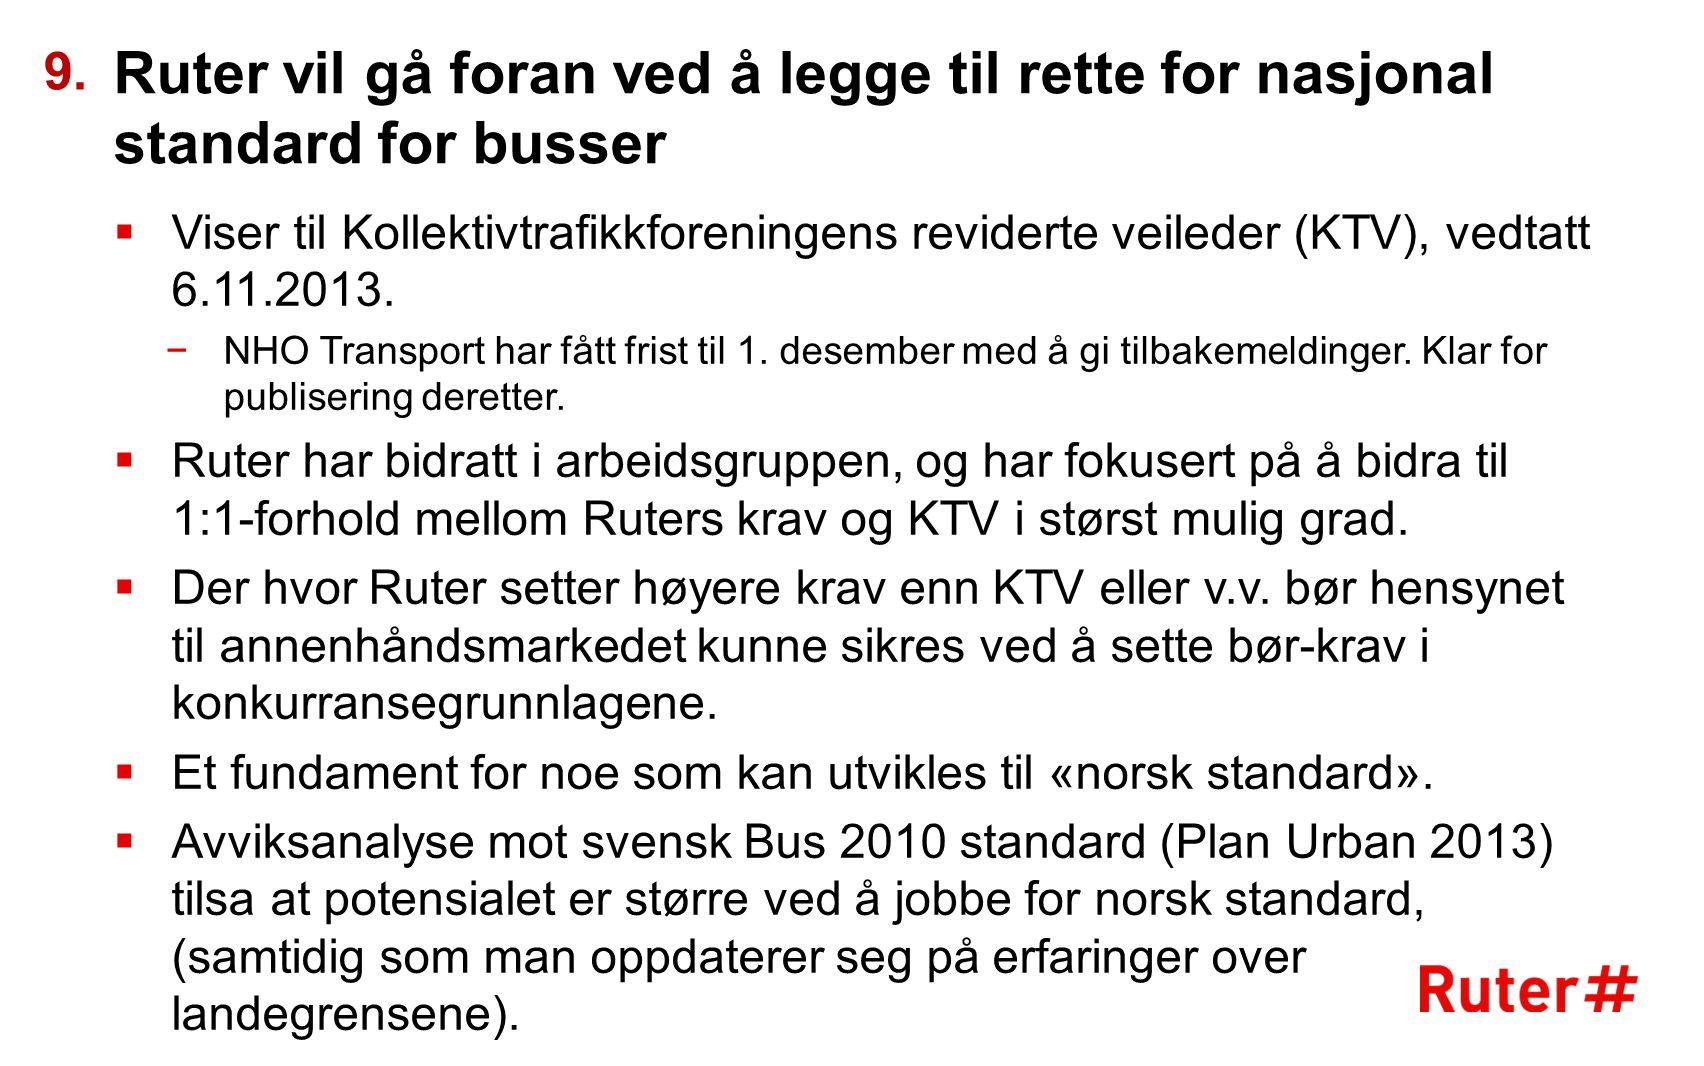 9. Ruter vil gå foran ved å legge til rette for nasjonal standard for busser.